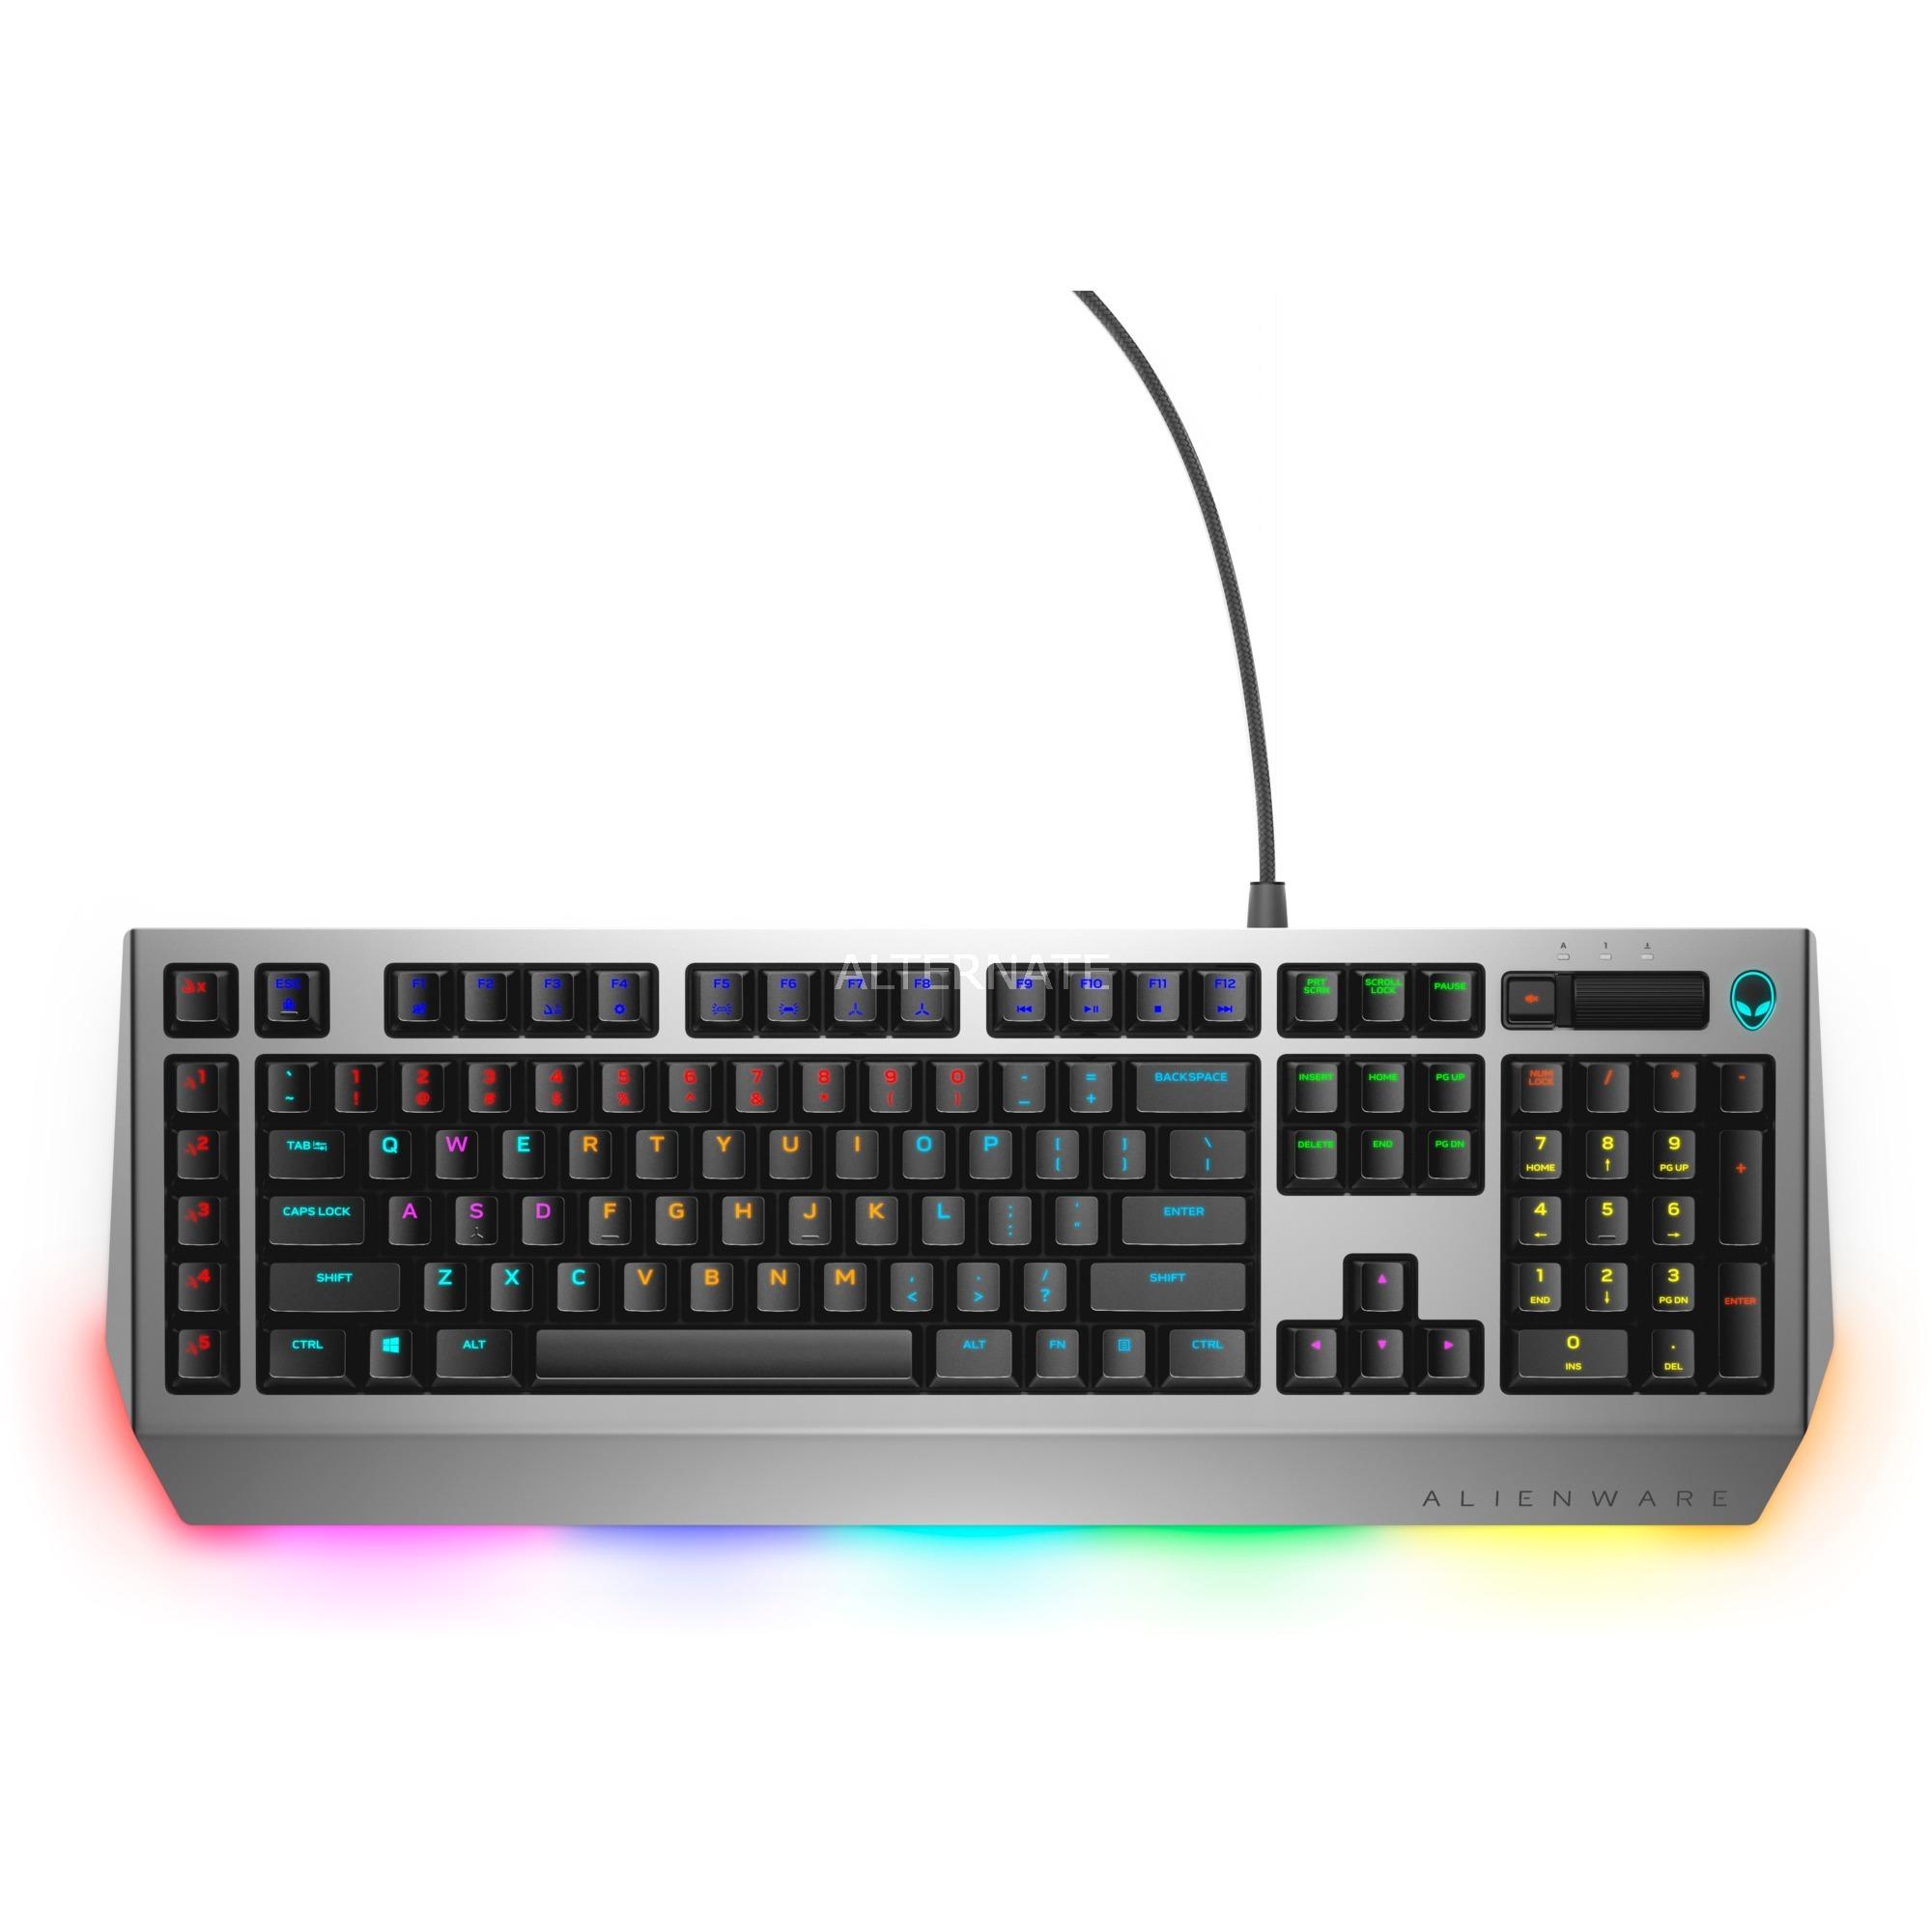 AW768 tastiera USB QWERTZ Tedesco Nero, Argento